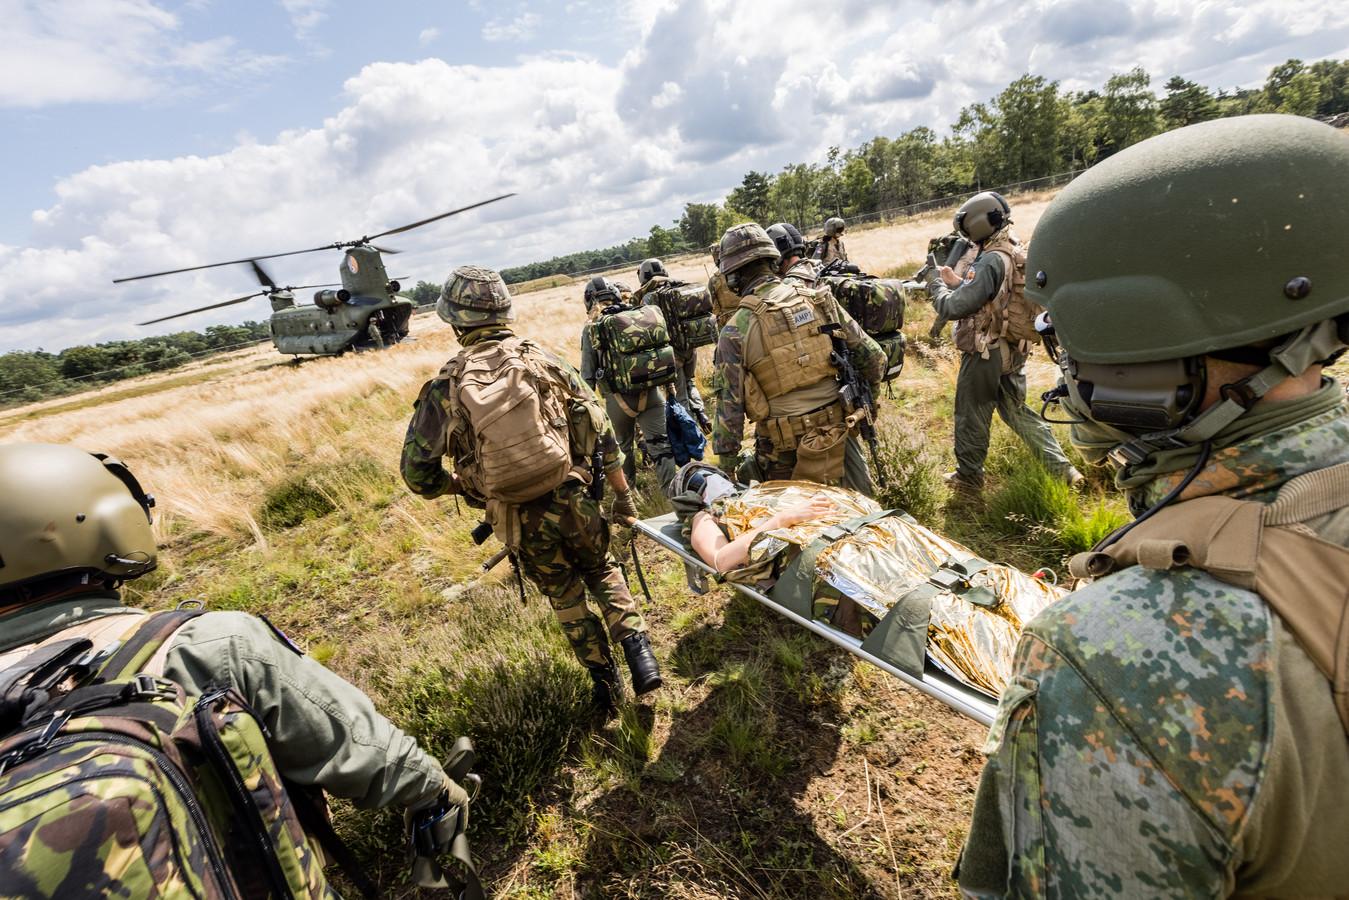 Op militair oefenterrein 'De Kiek' bij Alphen oefenen artsen en verpleegkundigen van de luchtmacht samen met Chinooks van Gilze-Rijen het helpen van gewonden met helikoptertransport.